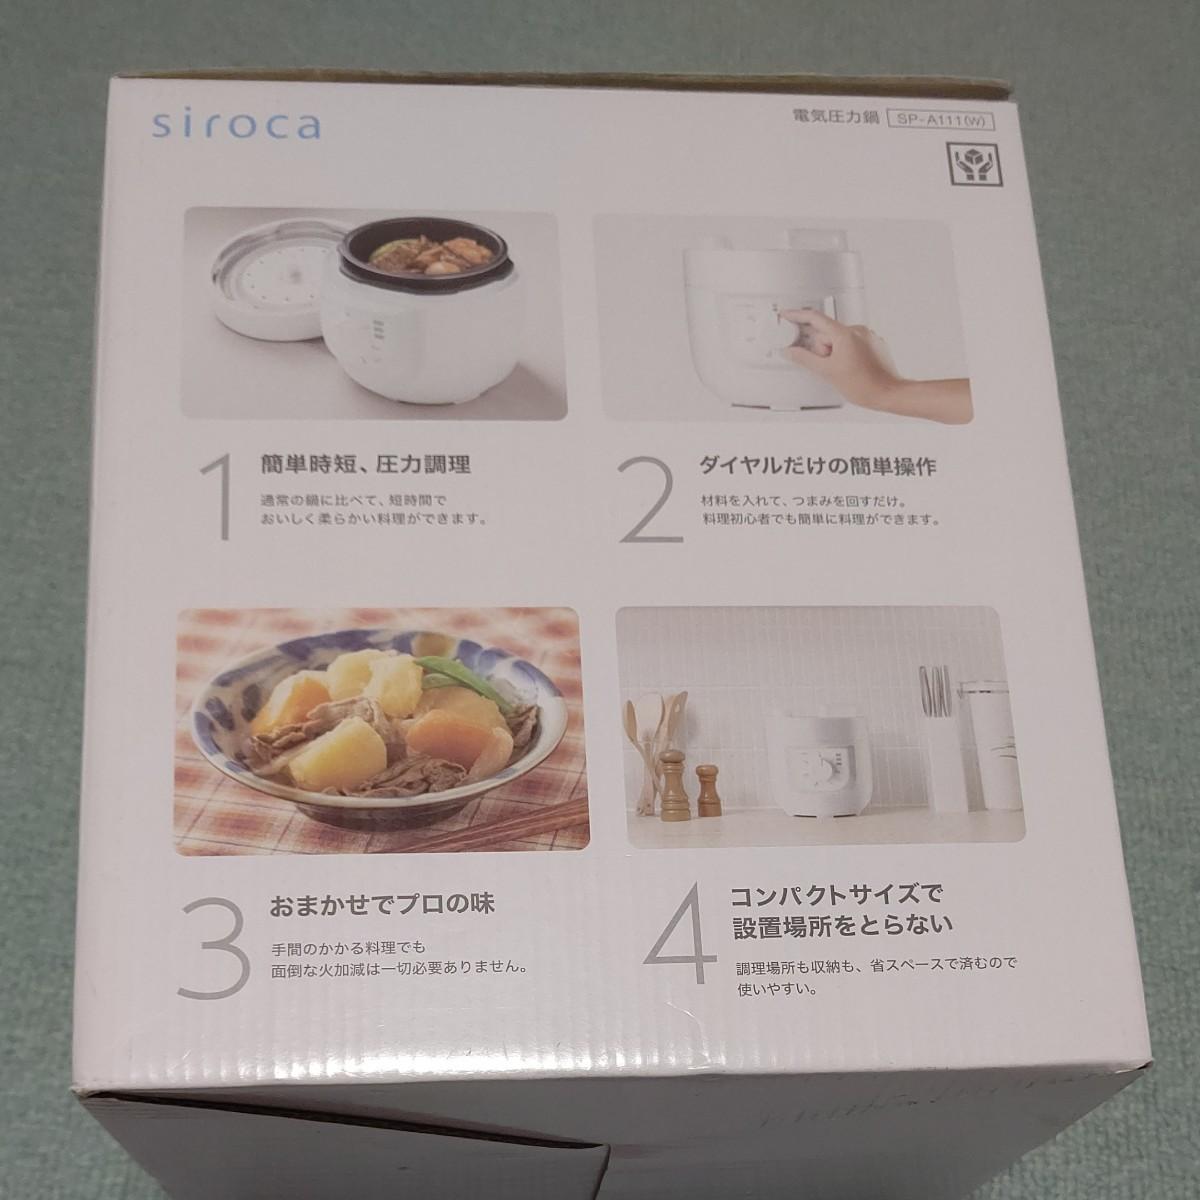 【値下げ/新品未使用】siroca 電気圧力鍋 SP-A111 シロカ